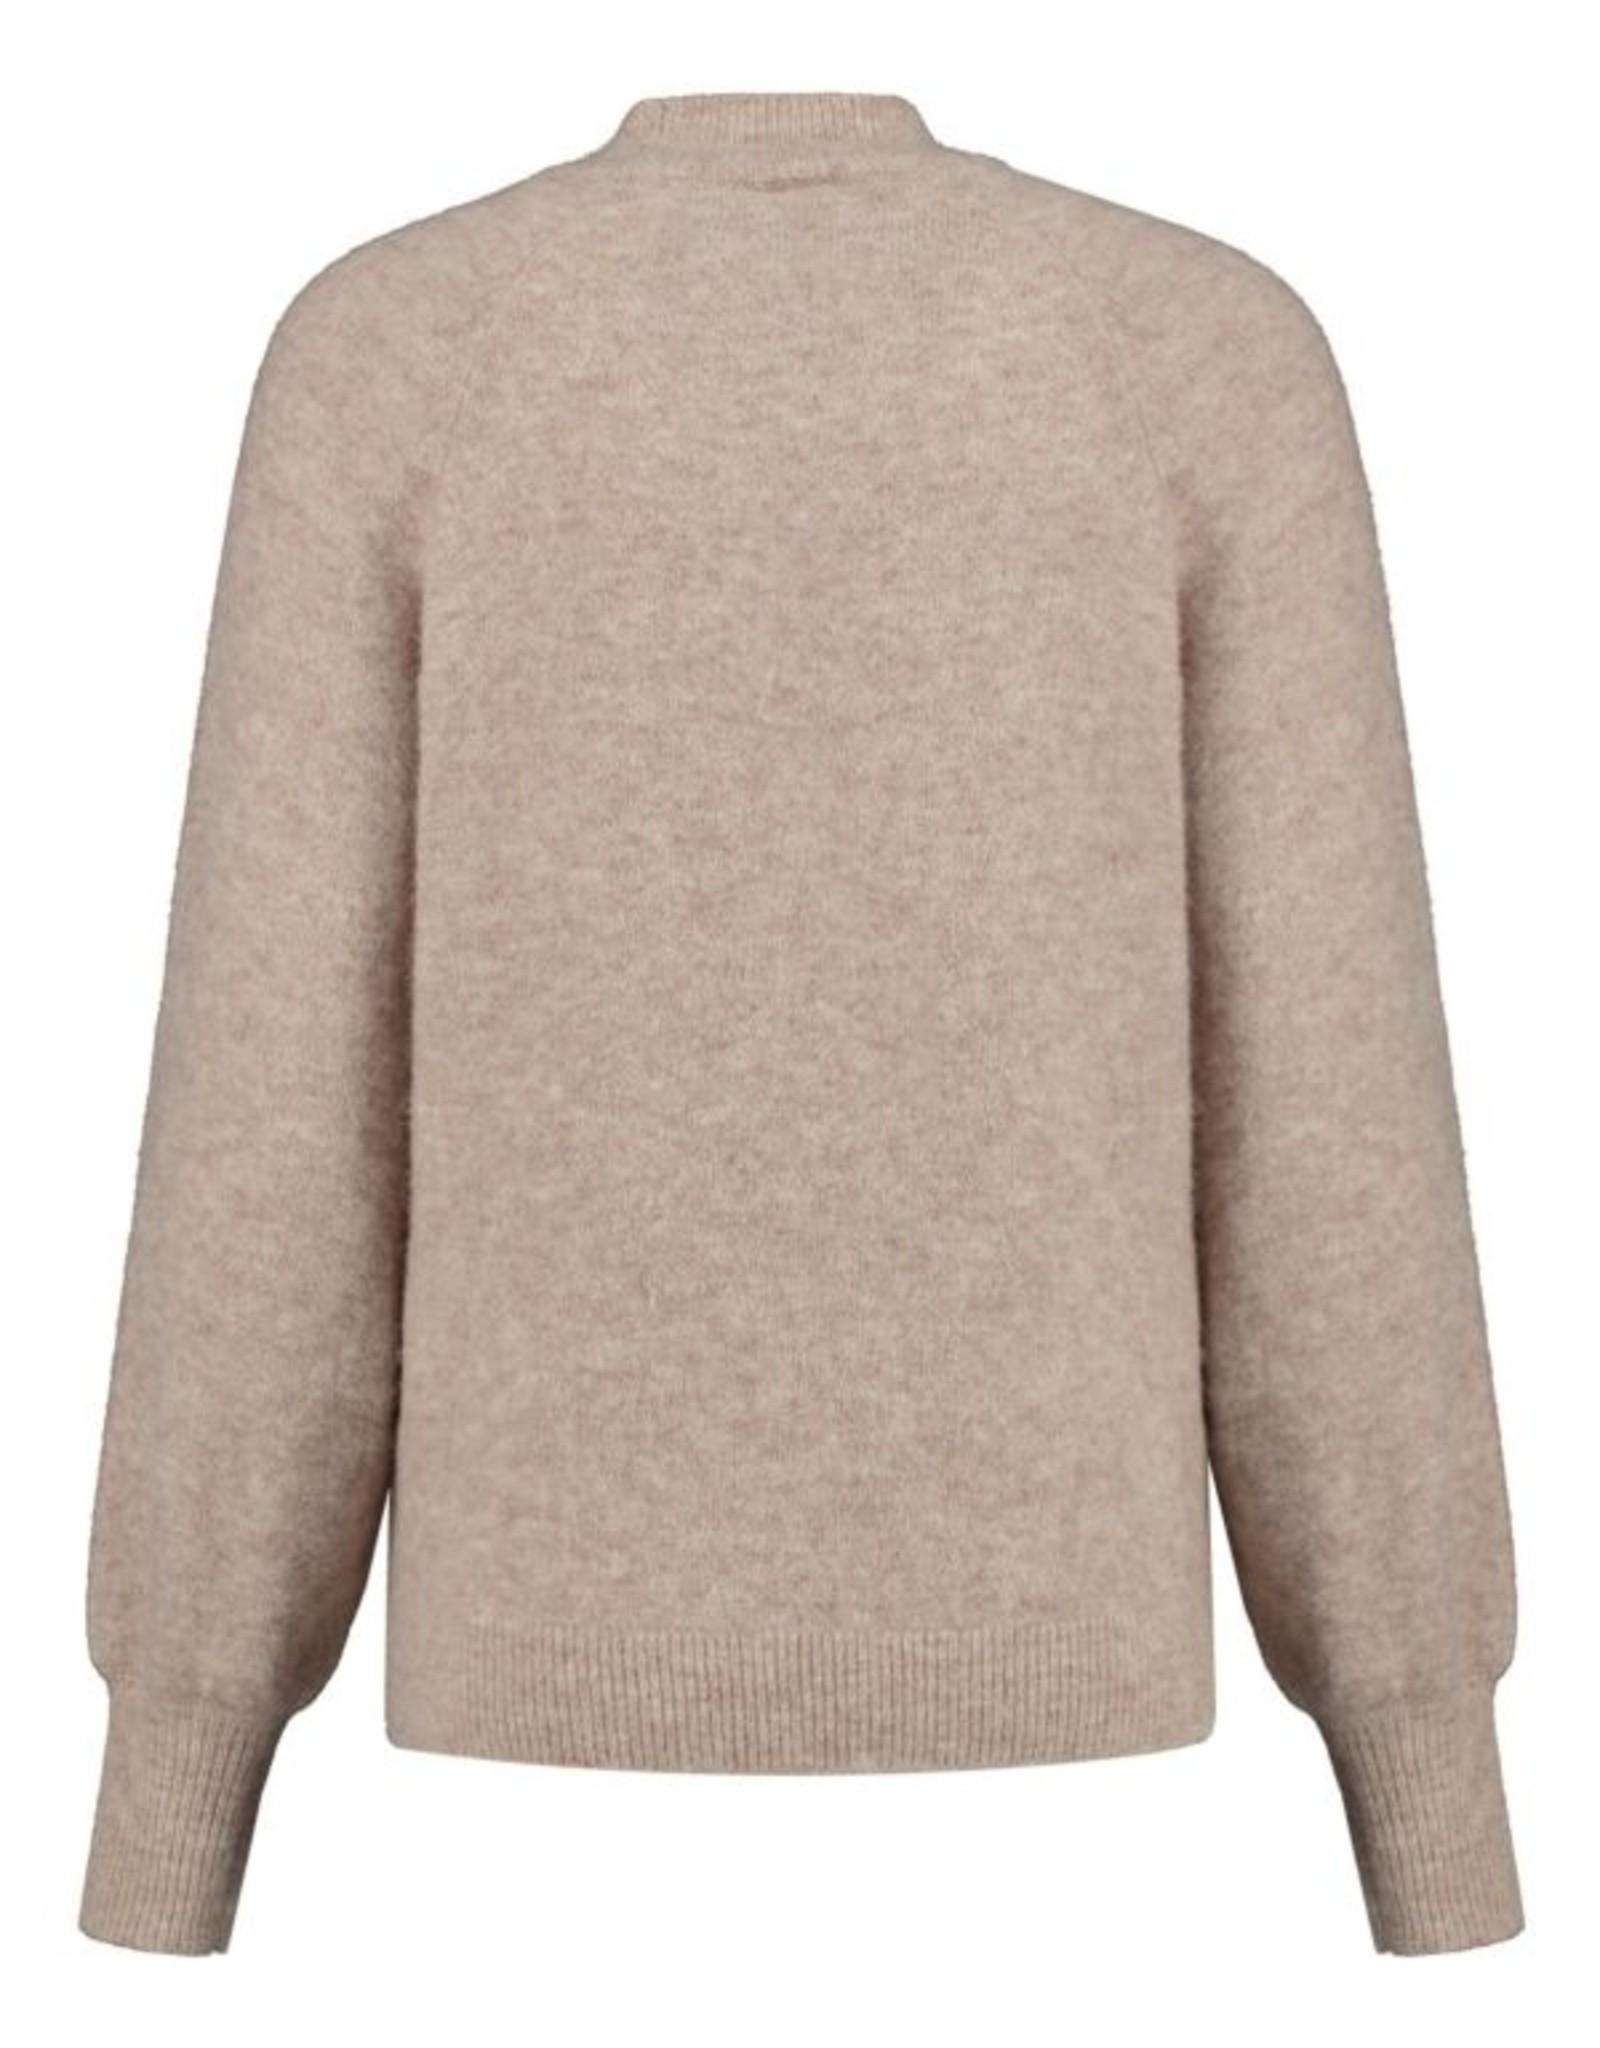 Dante6 Falcon button detail sweater